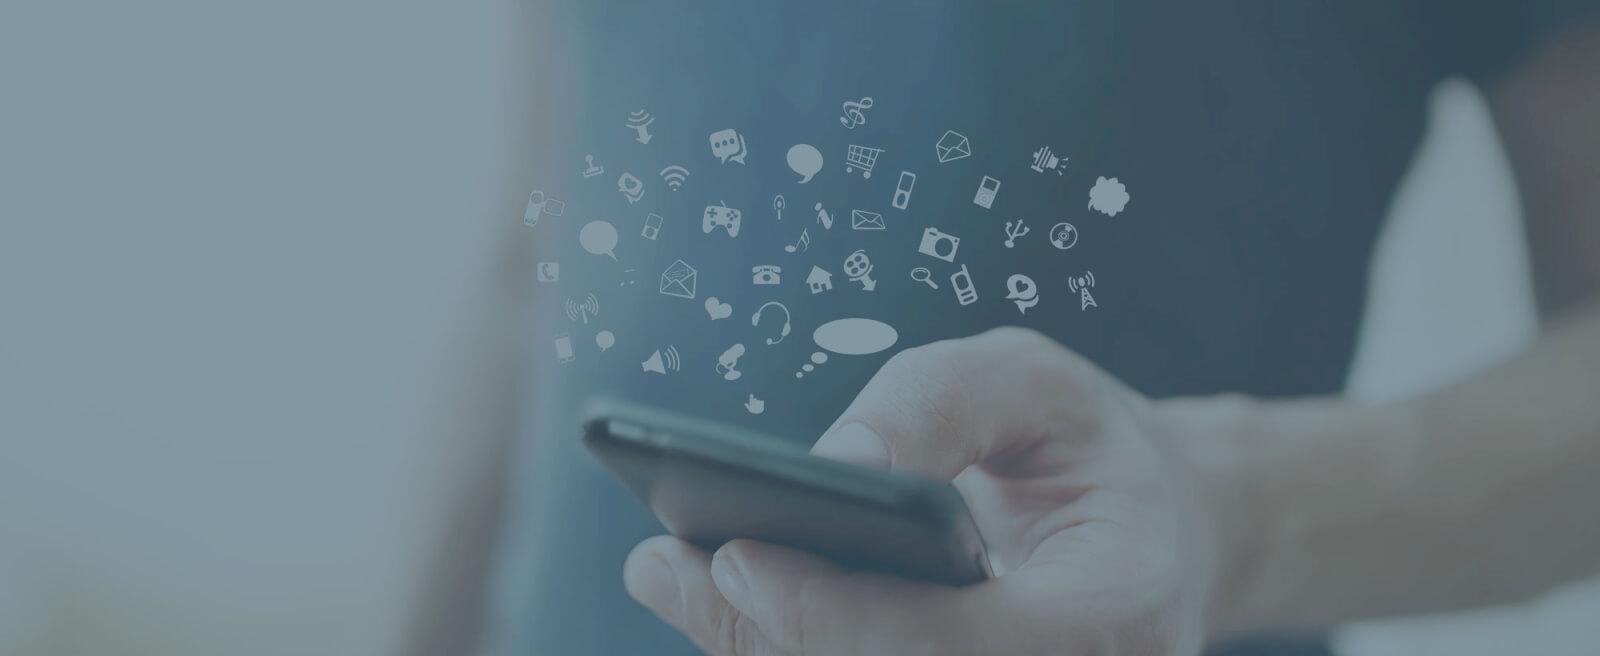 slide-mobile-app